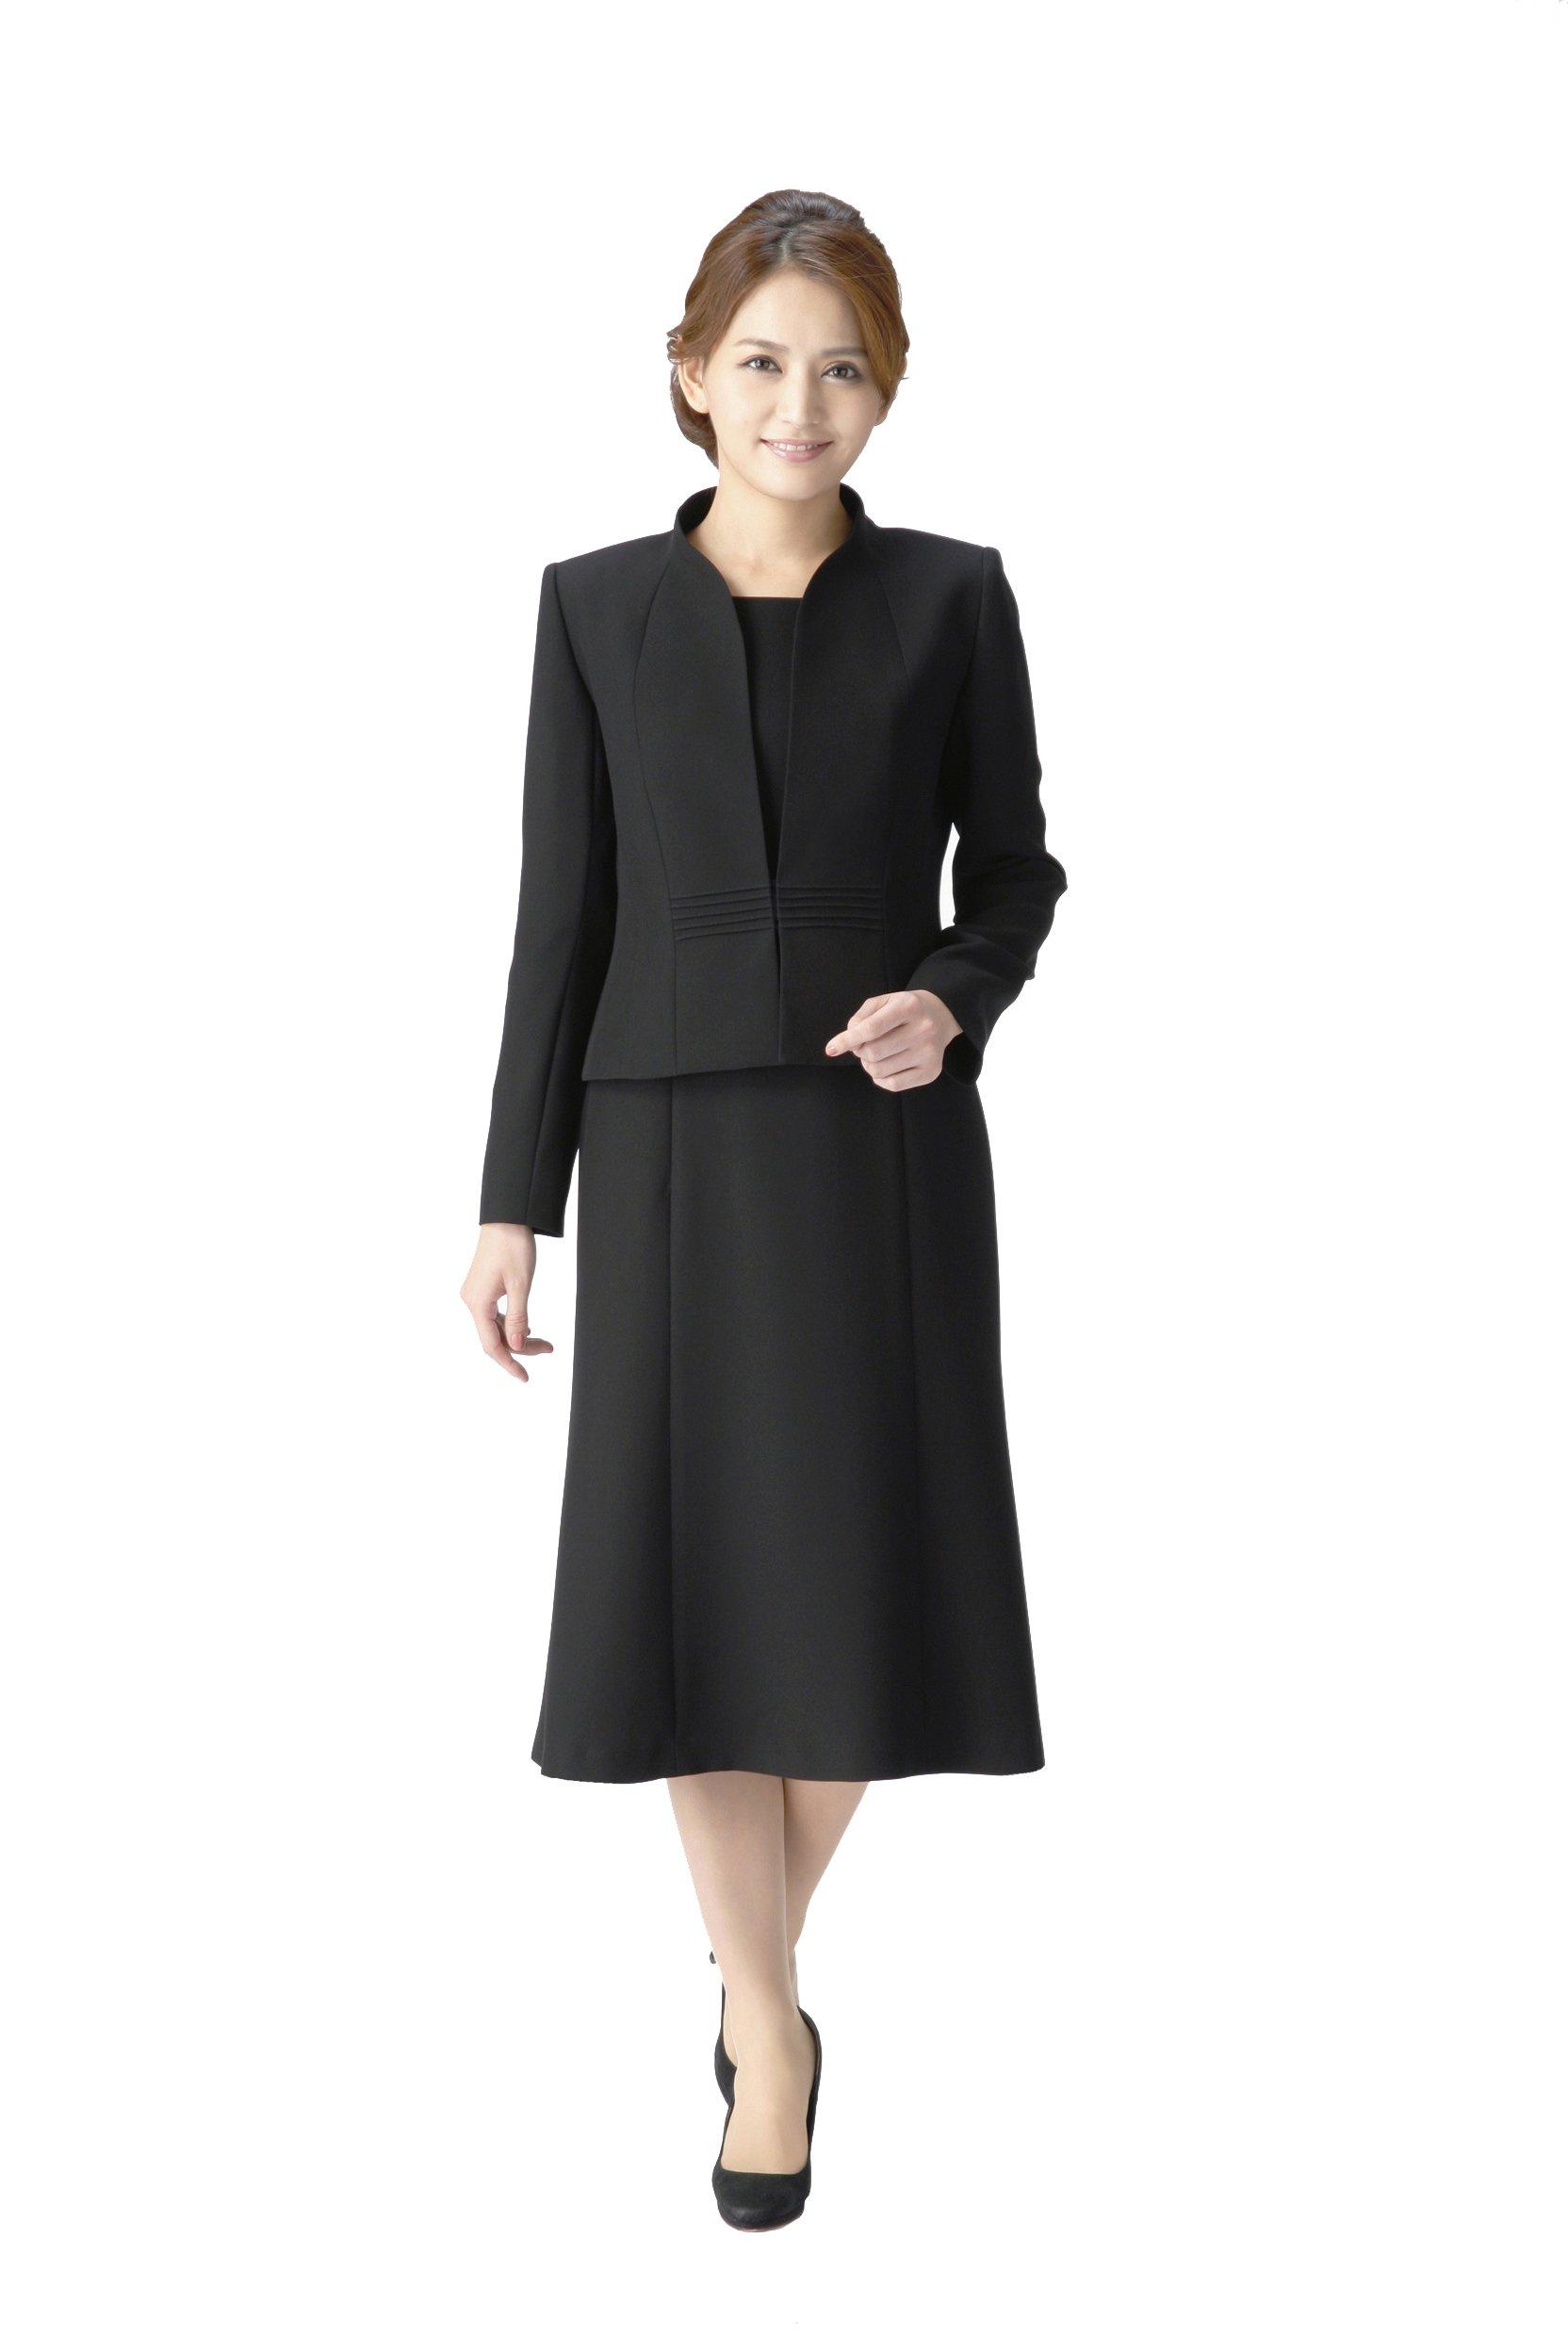 5bba804ff6dc0 マーガレット)marguerite ブラックフォーマル レディース 喪服 礼服 前開きワンピース アンサンブル m461 product image